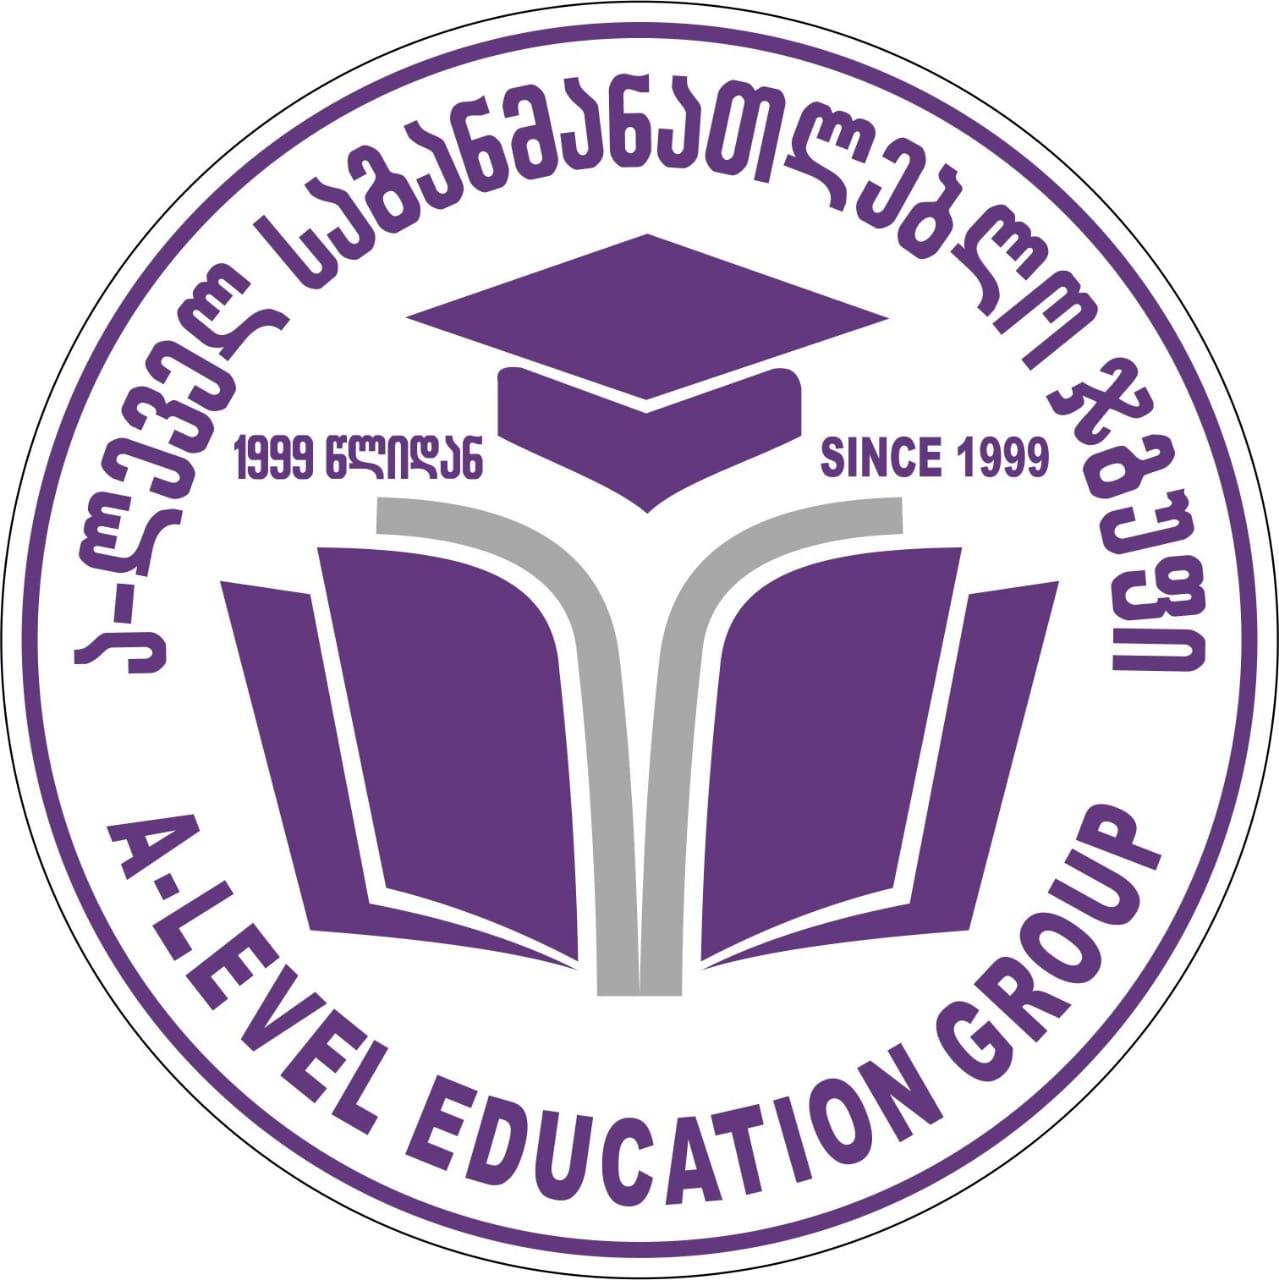 სასწავლო ცენტრი A-Level